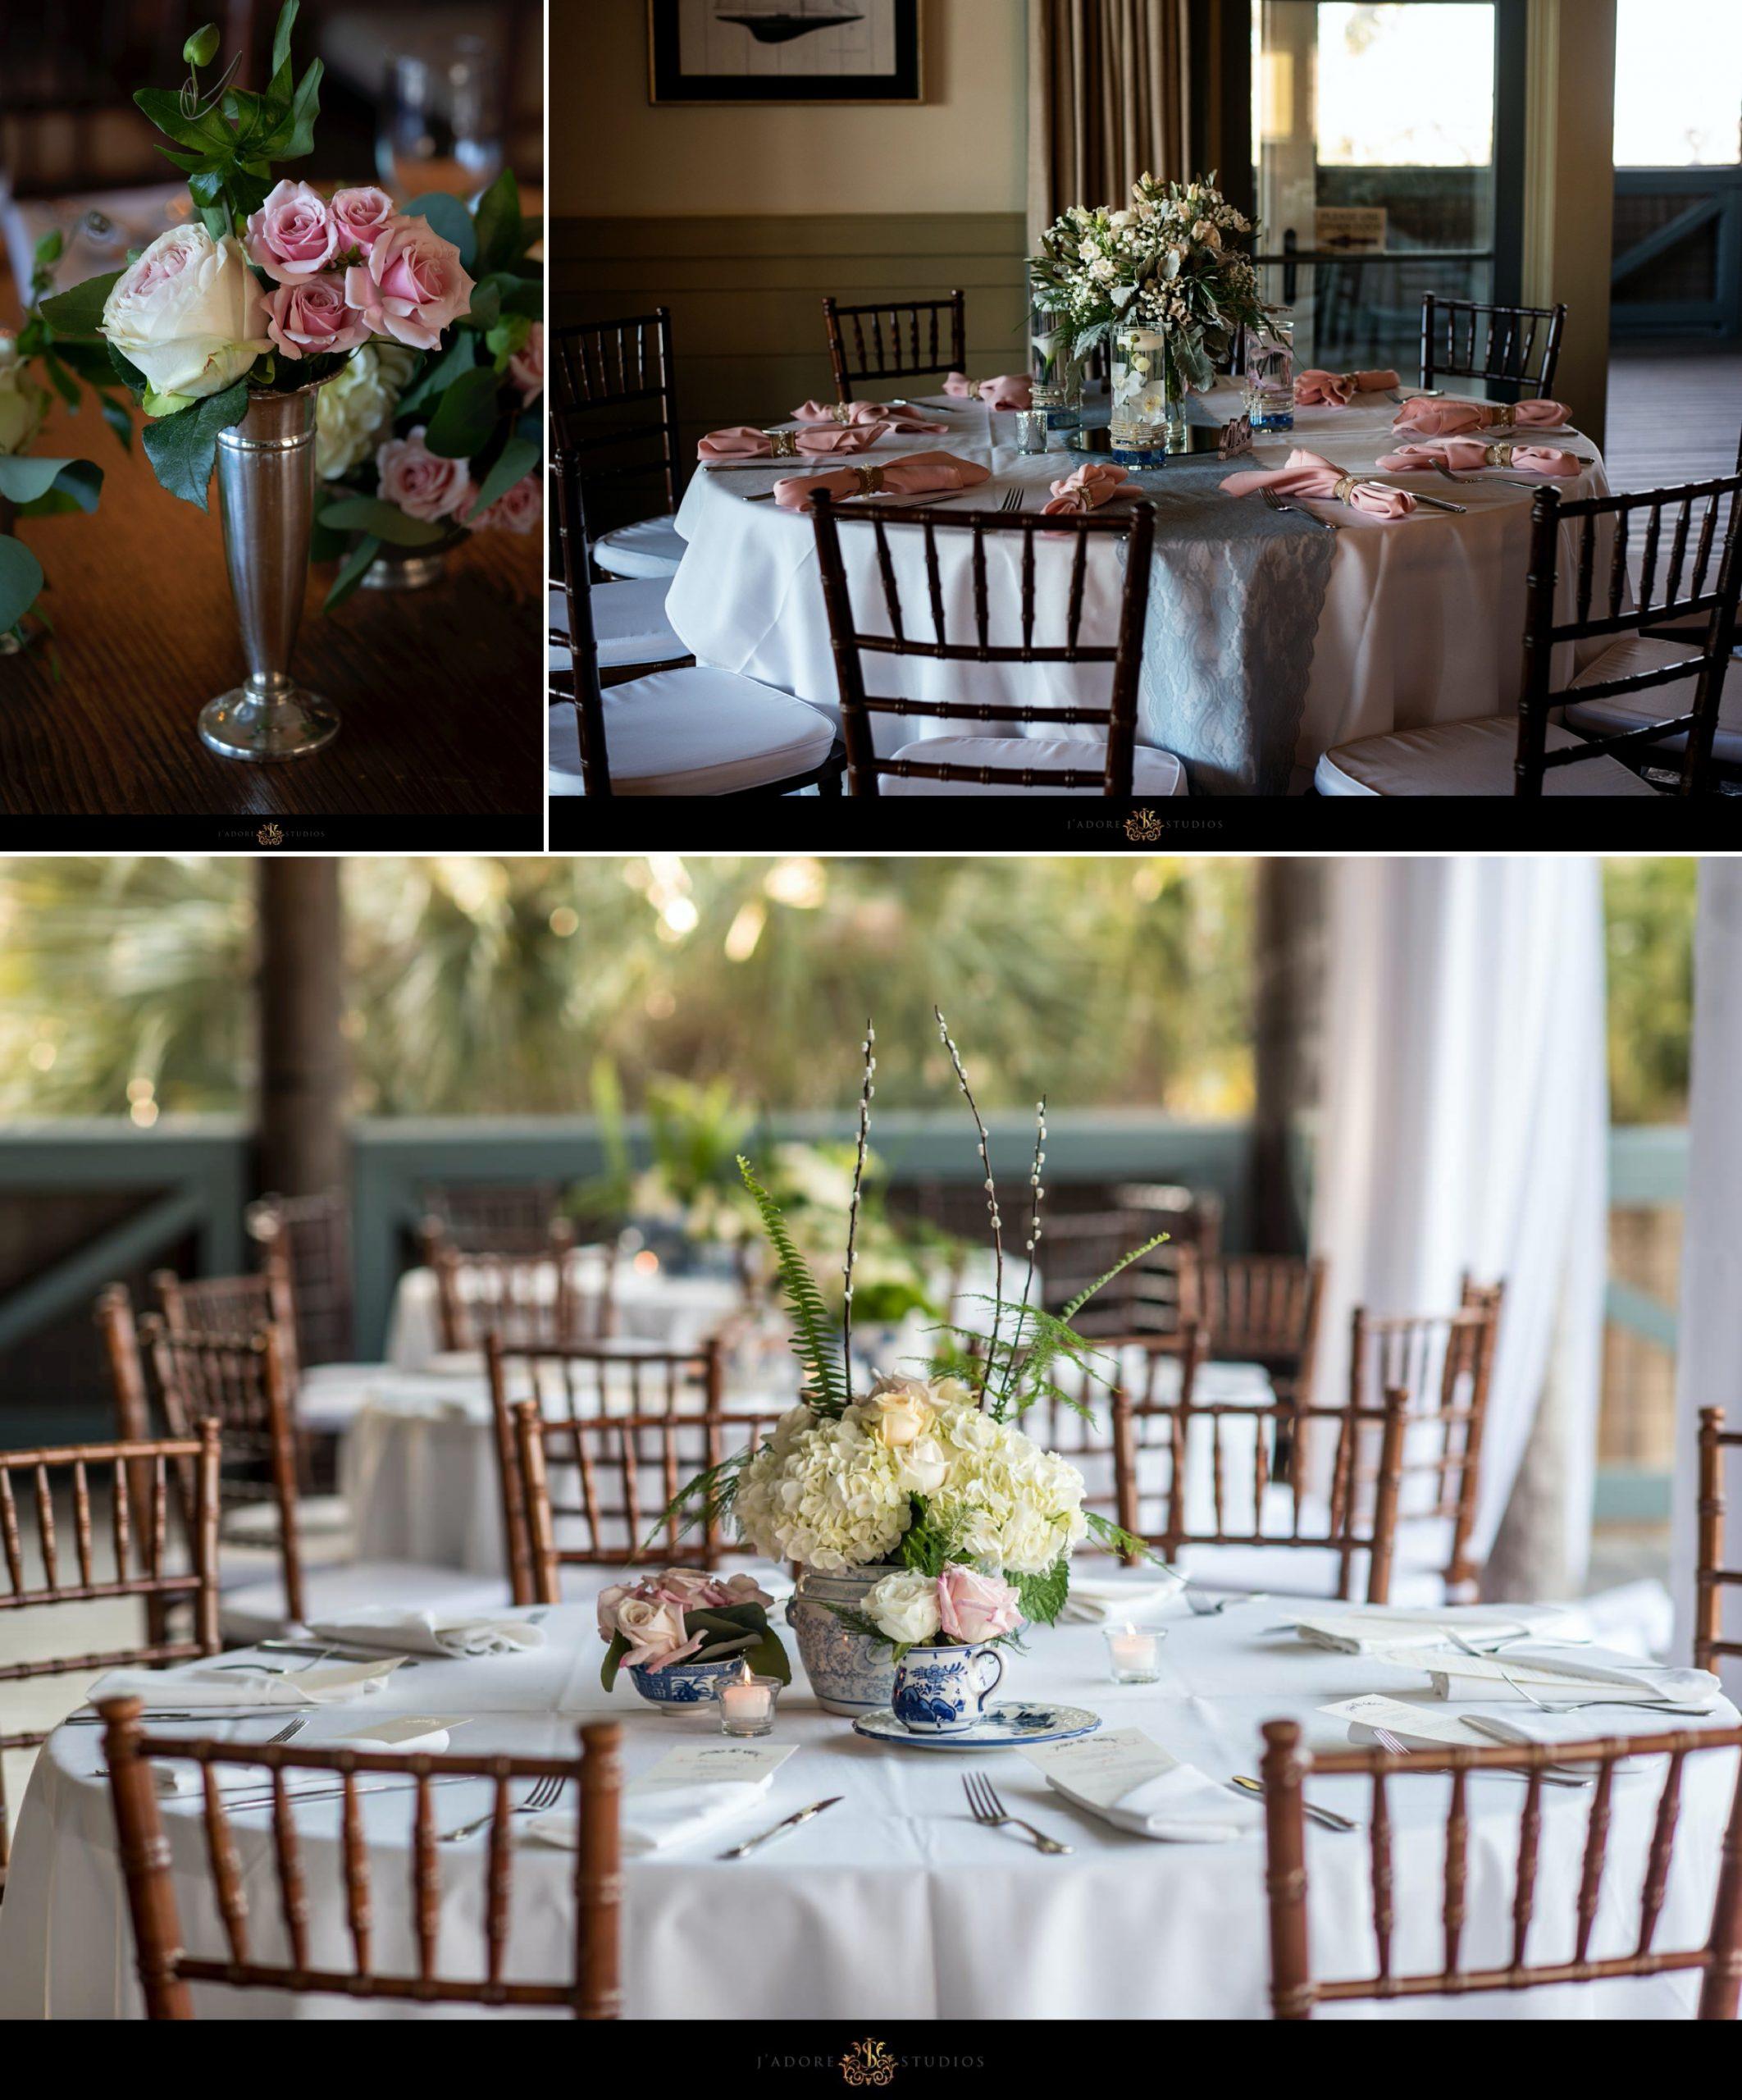 Reception decor at Oyster Bay Yacht Club in Fernandina Beach Florida